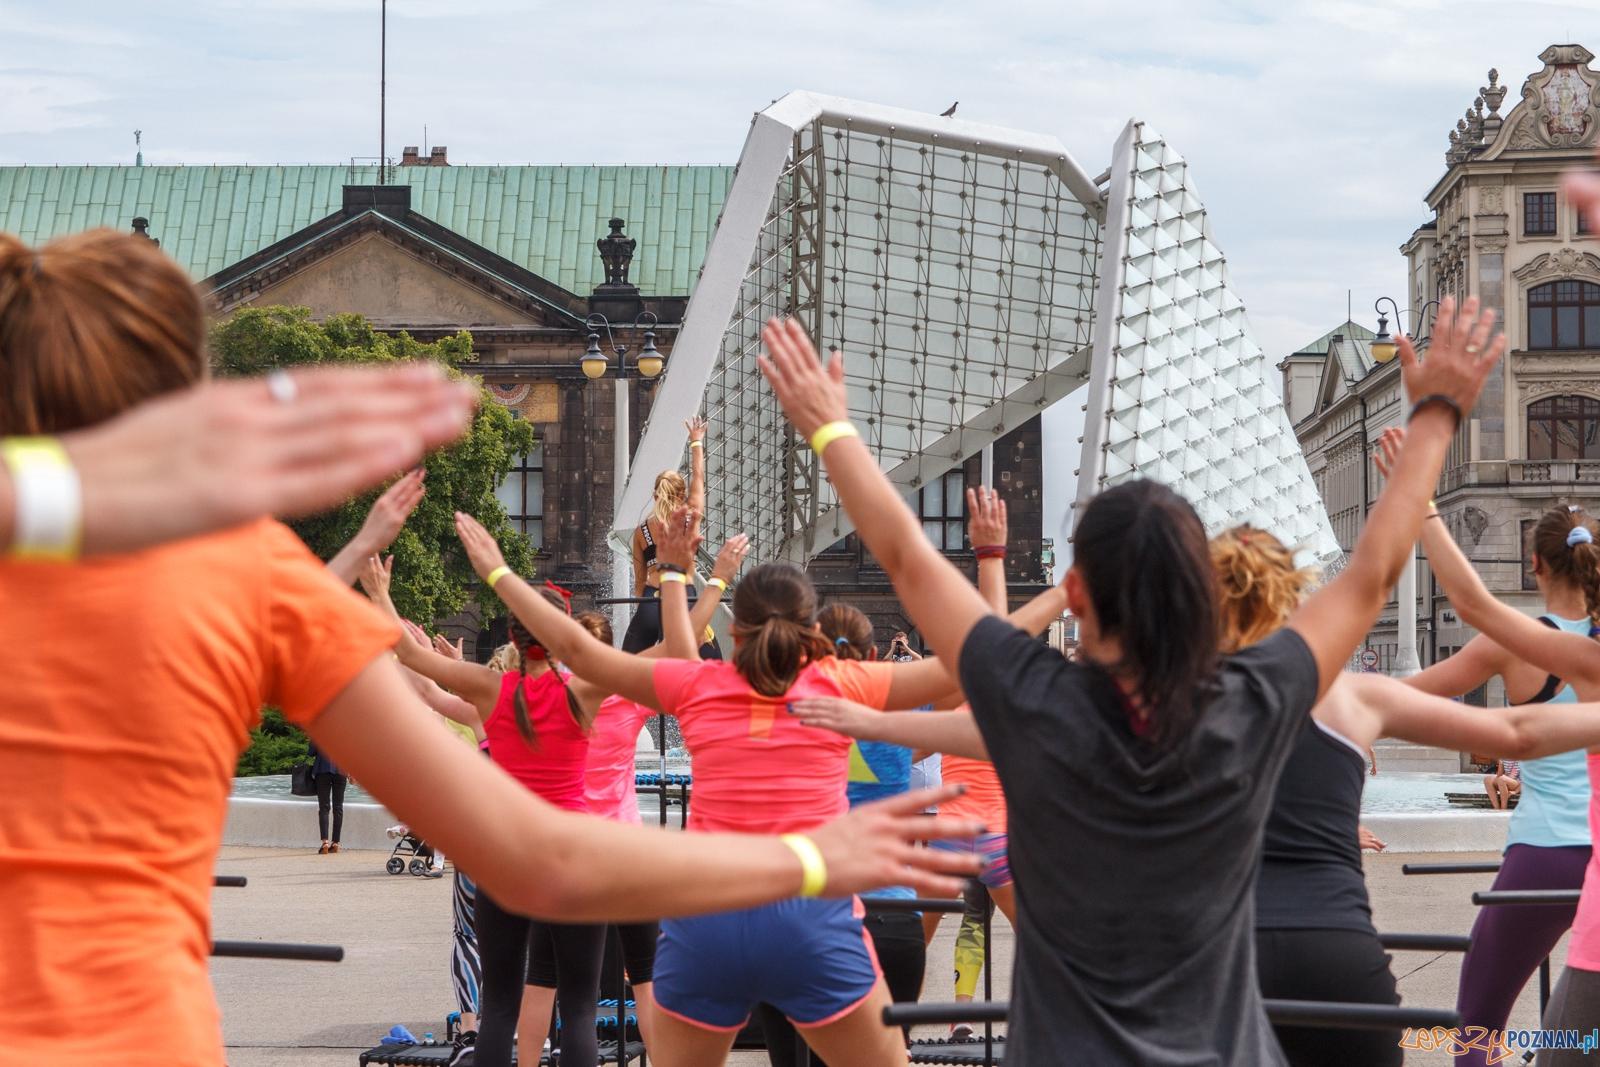 50 trampolin na Placu Wolności - Poznań 04.09.2016 r.  Foto: LepszyPOZNAN.pl / Paweł Rychter